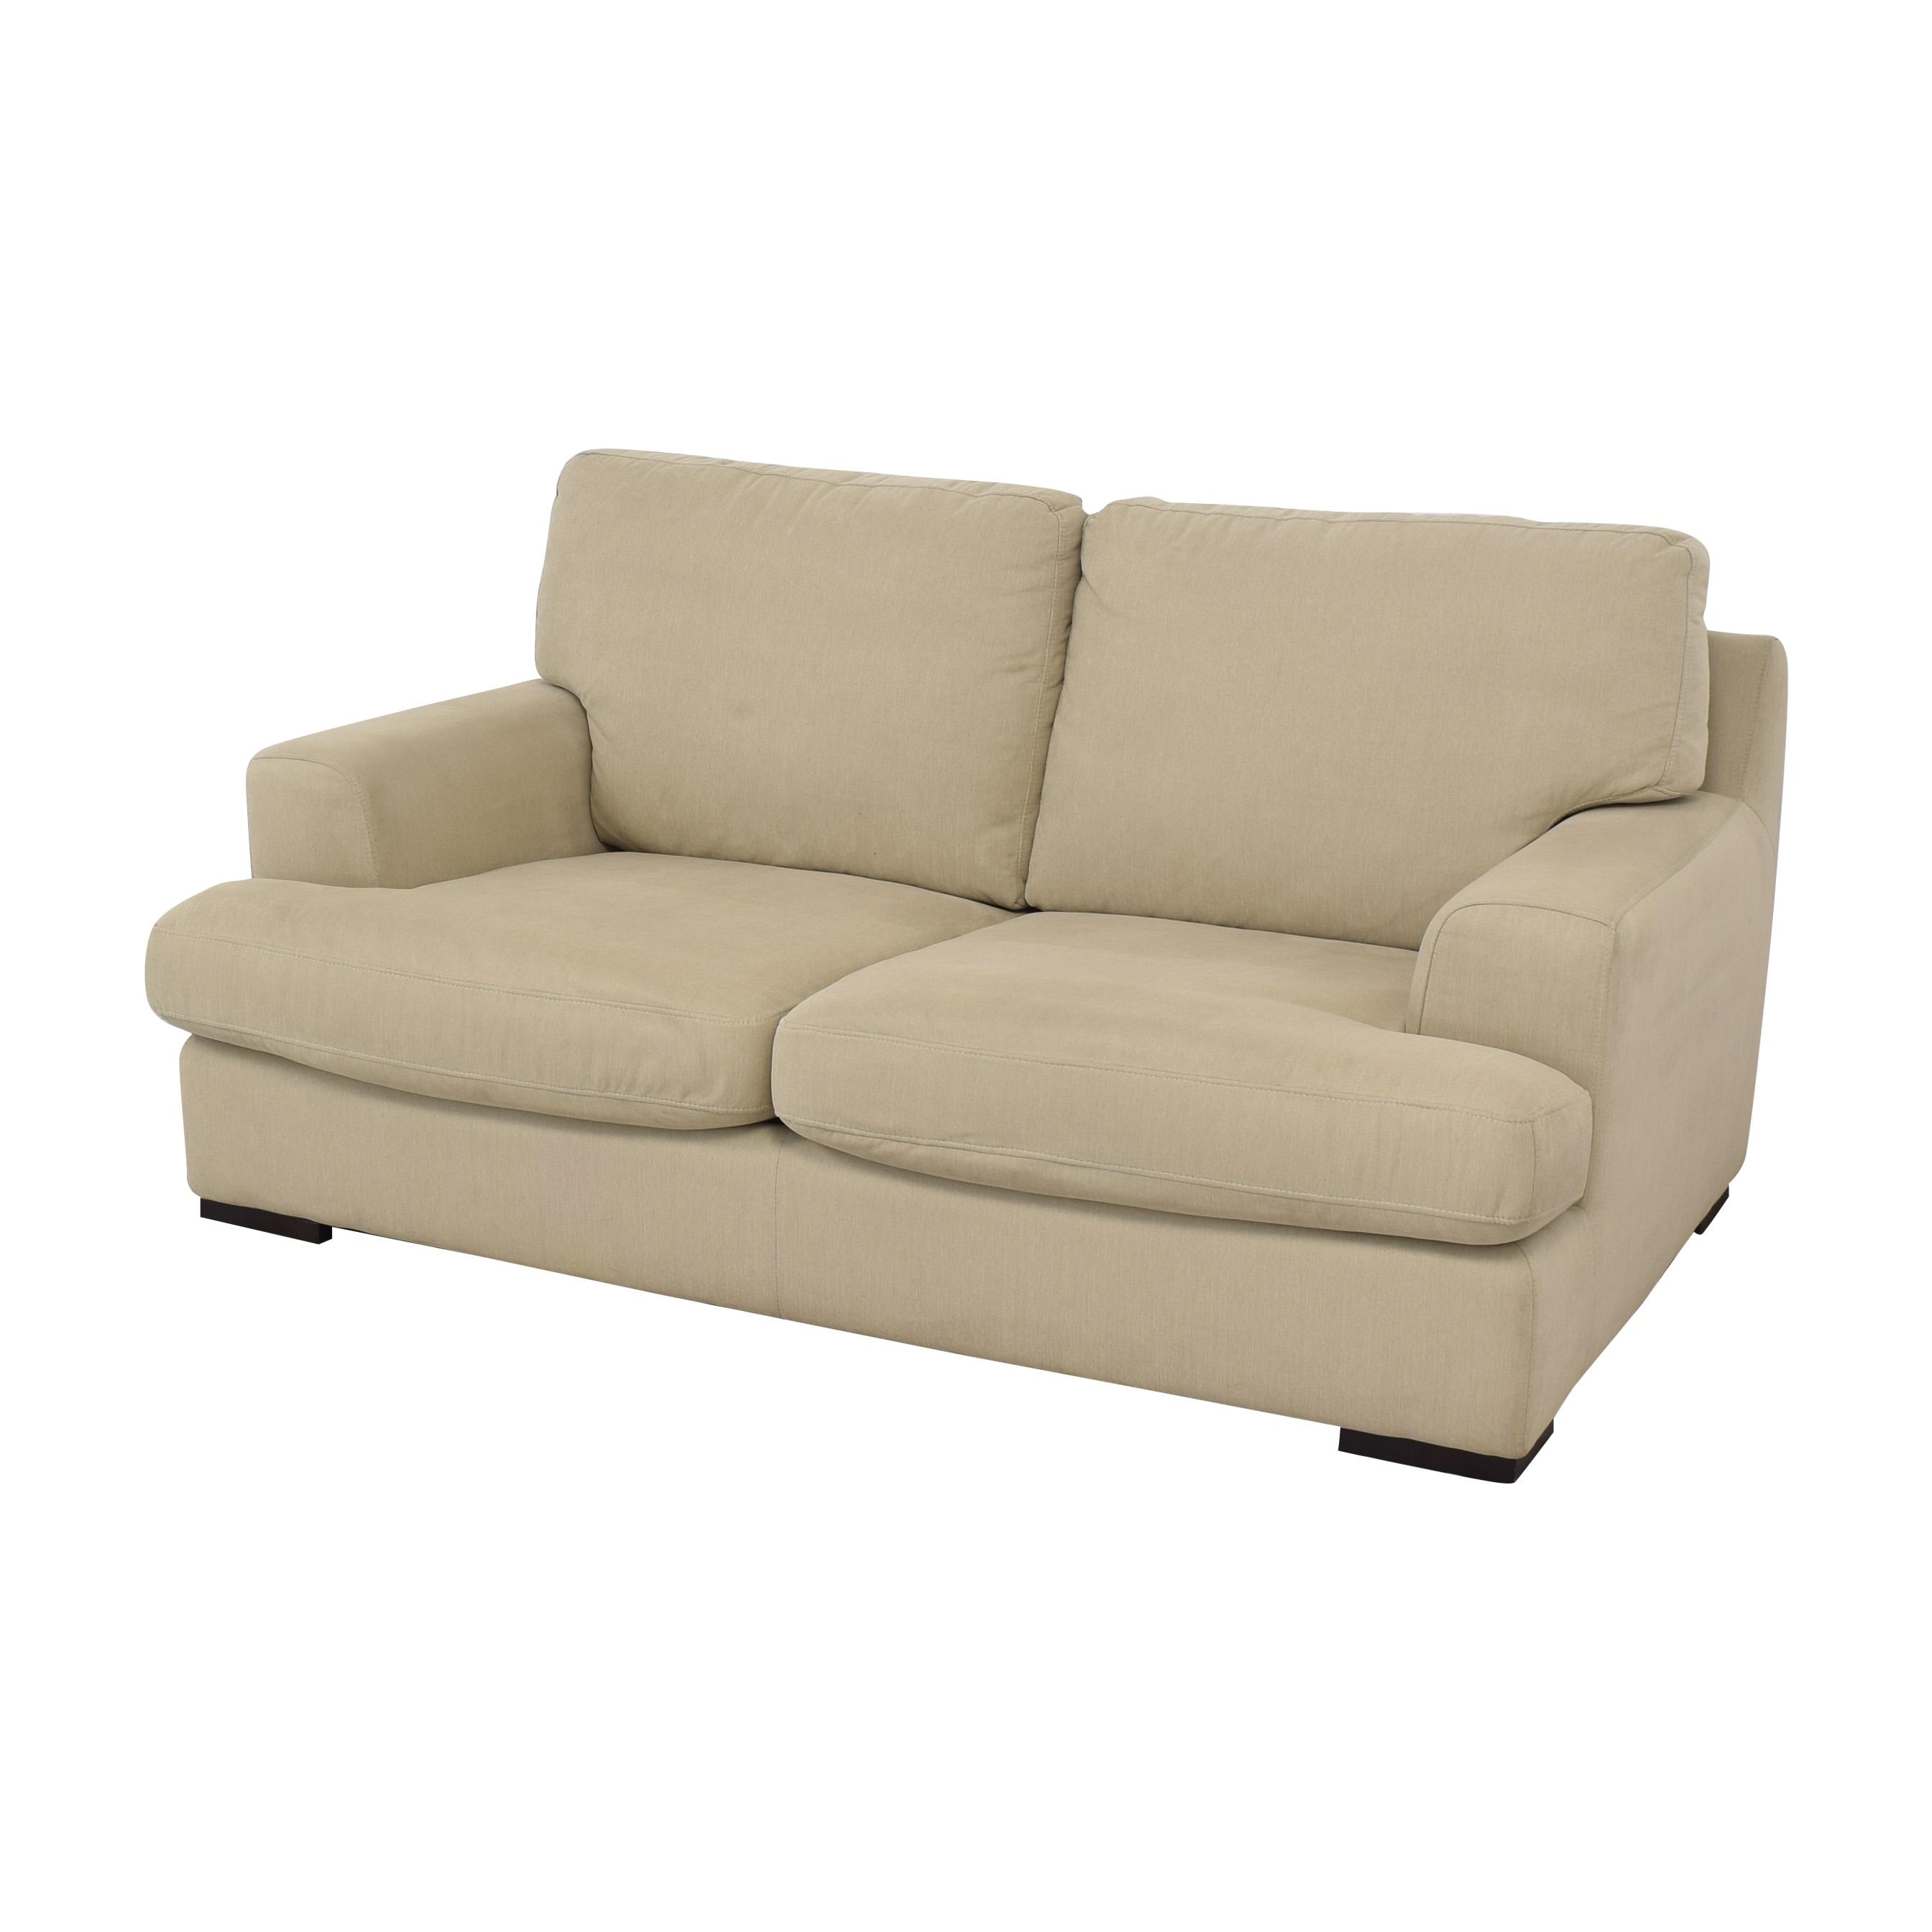 Stone & Beam Stone & Beam Lauren Down-Filled Oversized Sofa used